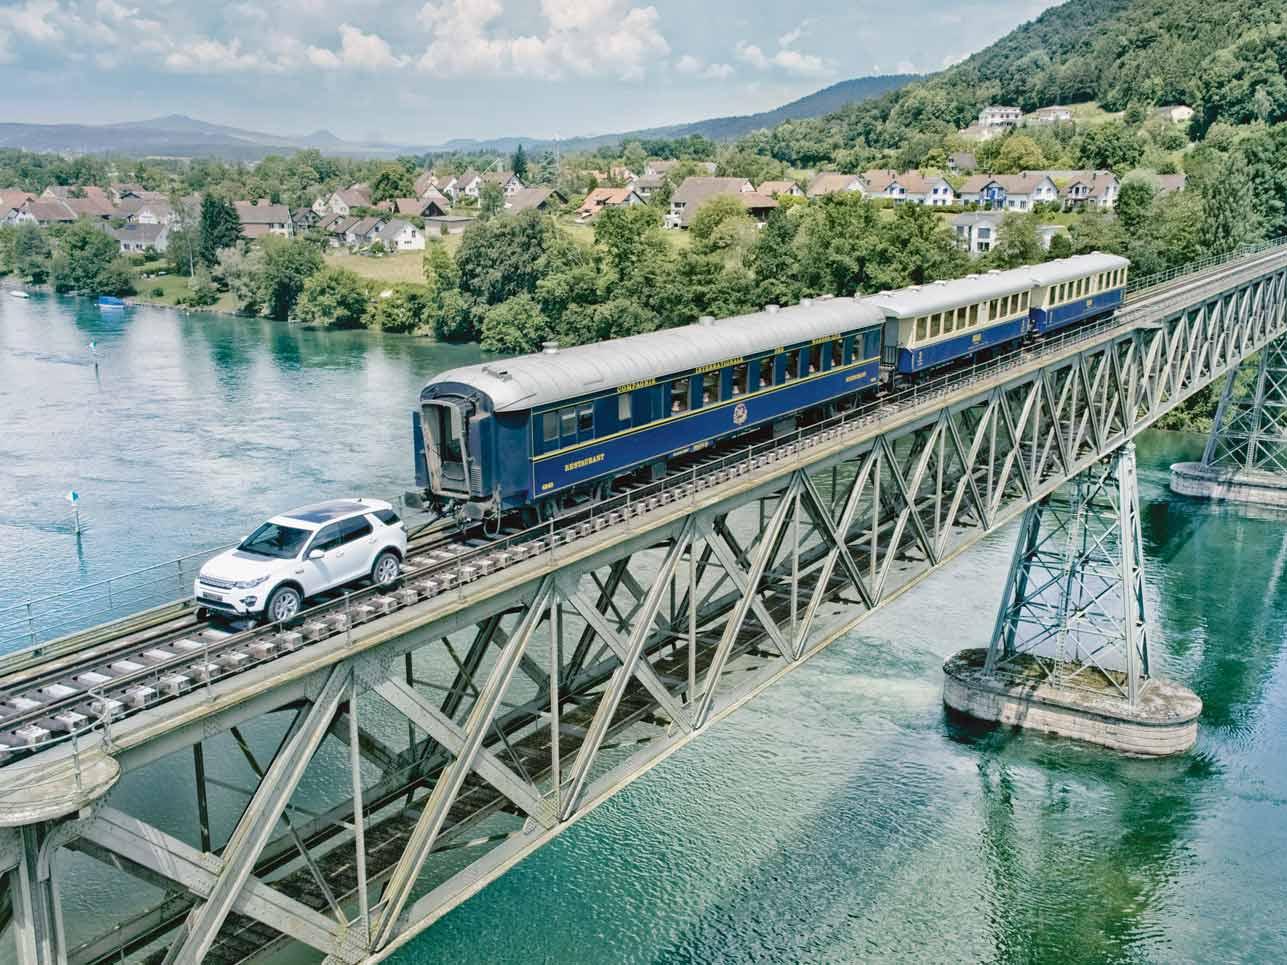 So etwas sieht man auch nicht alle Tage: Ein Land Rover Discovery Sport fährt über eine Eisenbahnbrücke, die den Rhein überspannt, und zieht dabei drei Waggons mit einem Gesamtgewicht von 100 Tonnen hinter sich her.